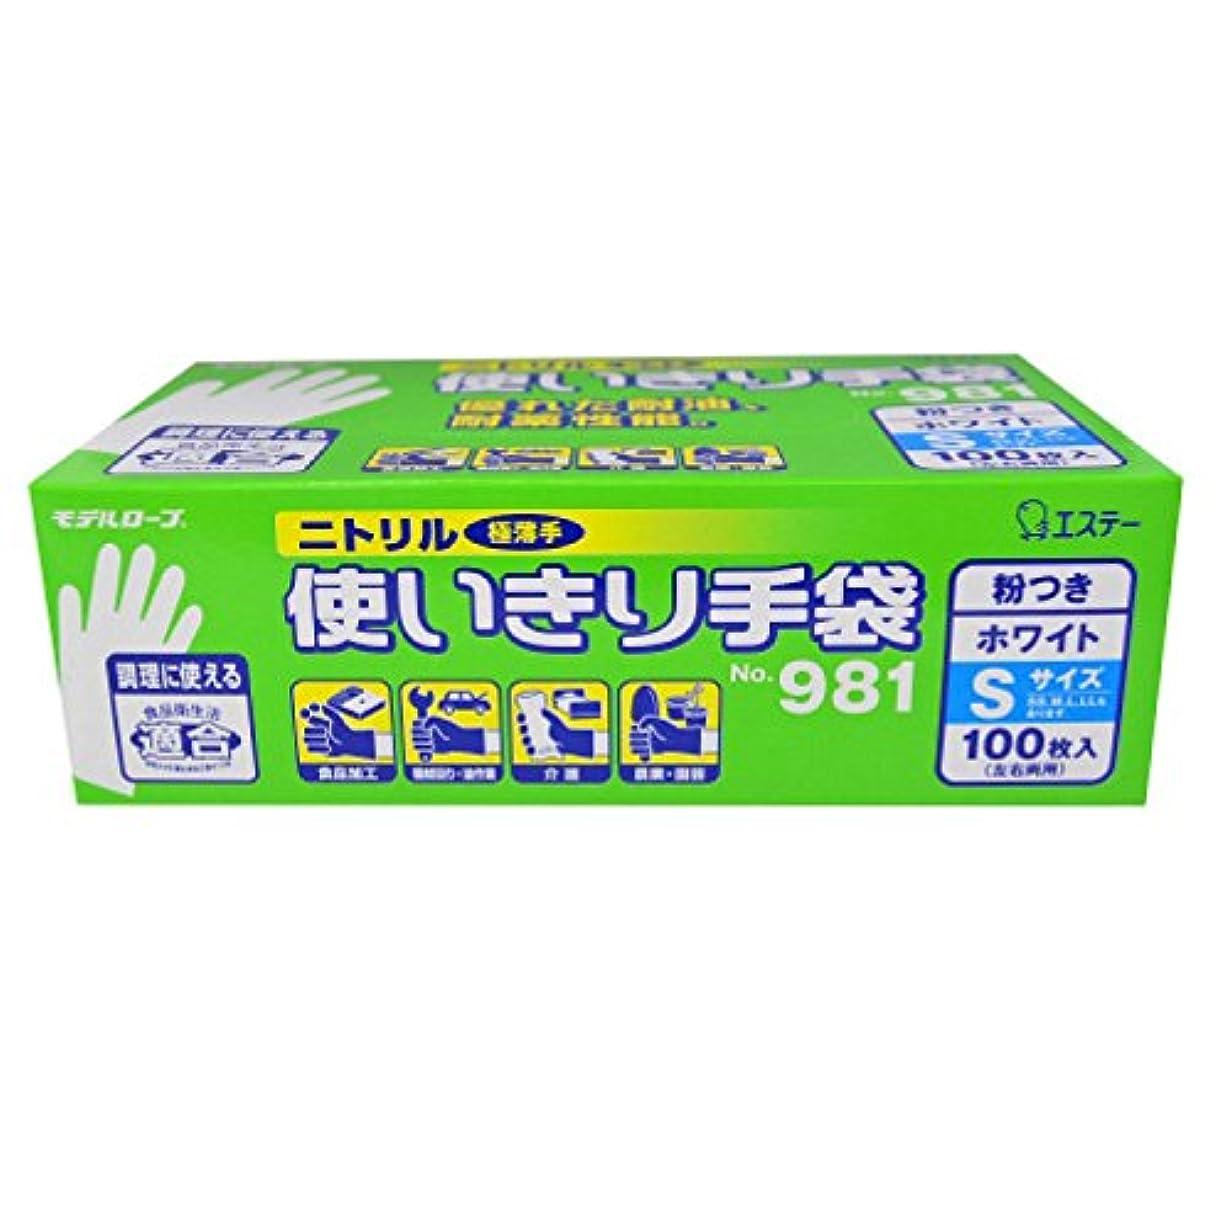 魔法明確なアンソロジーエステー/ニトリル使いきり手袋 箱入 (粉つき) [100枚入]/品番:981 サイズ:M カラー:ブルー